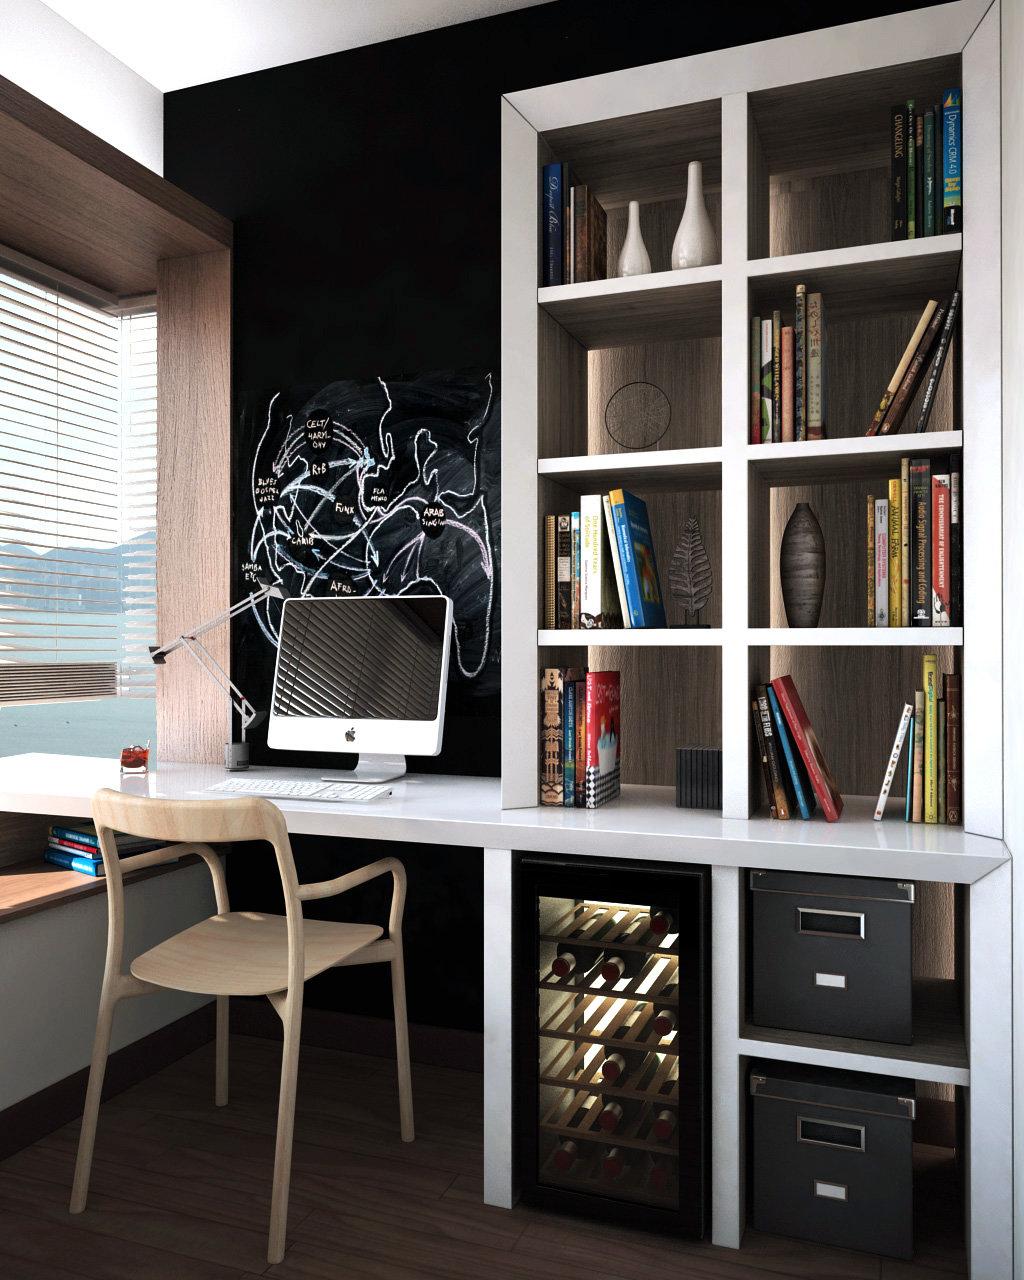 Study Room Interior Design: LOHAS Park Hong Kong Interior Design